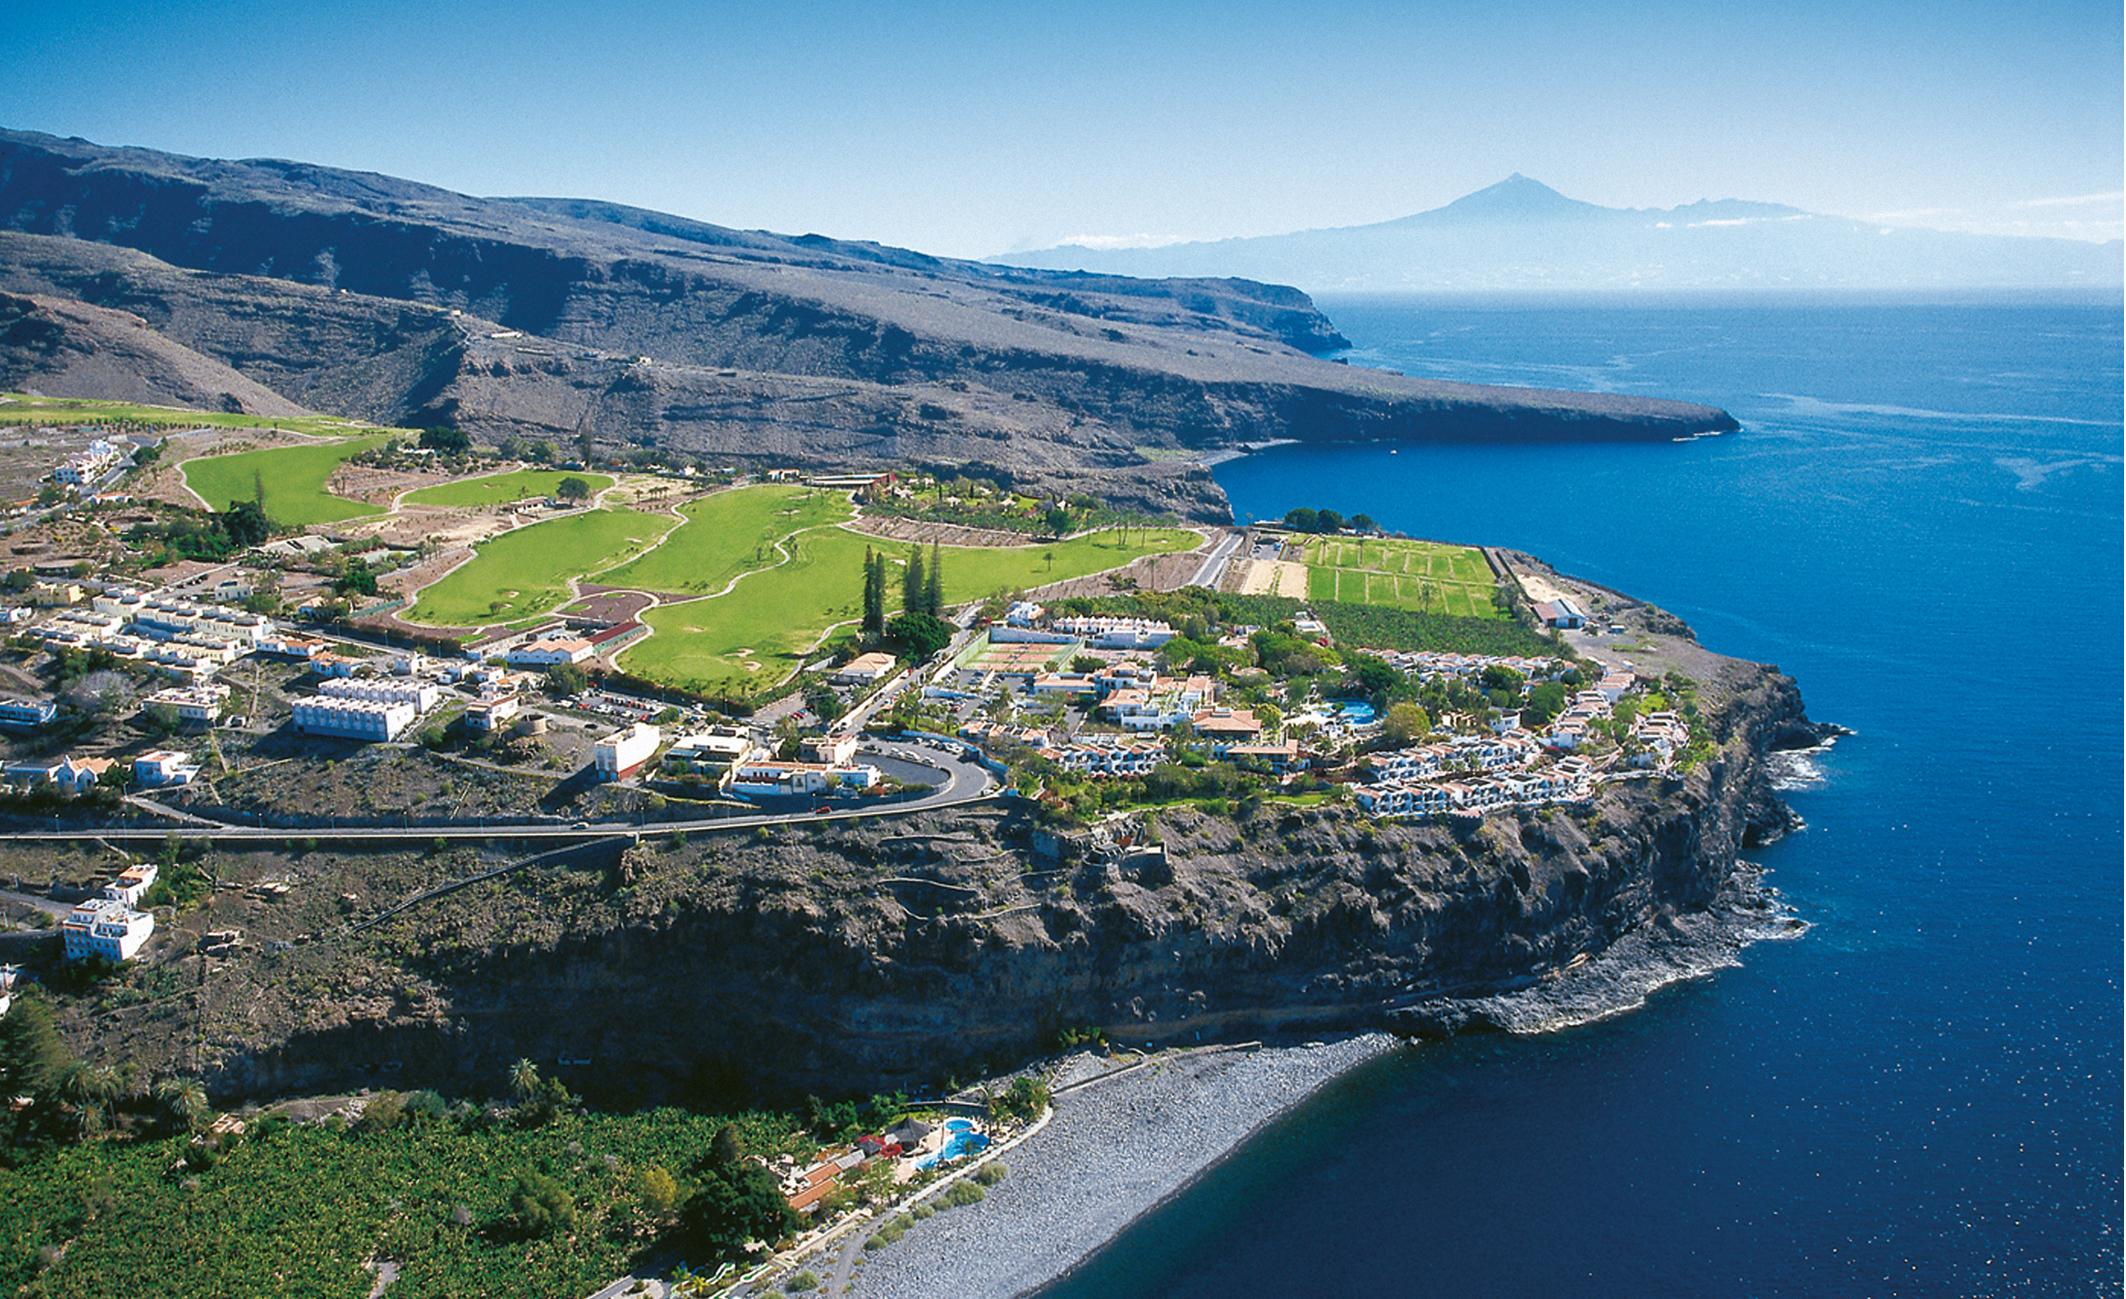 Turismo sostenible foro de turismo en canarias for Hotel jardin tecina la gomera